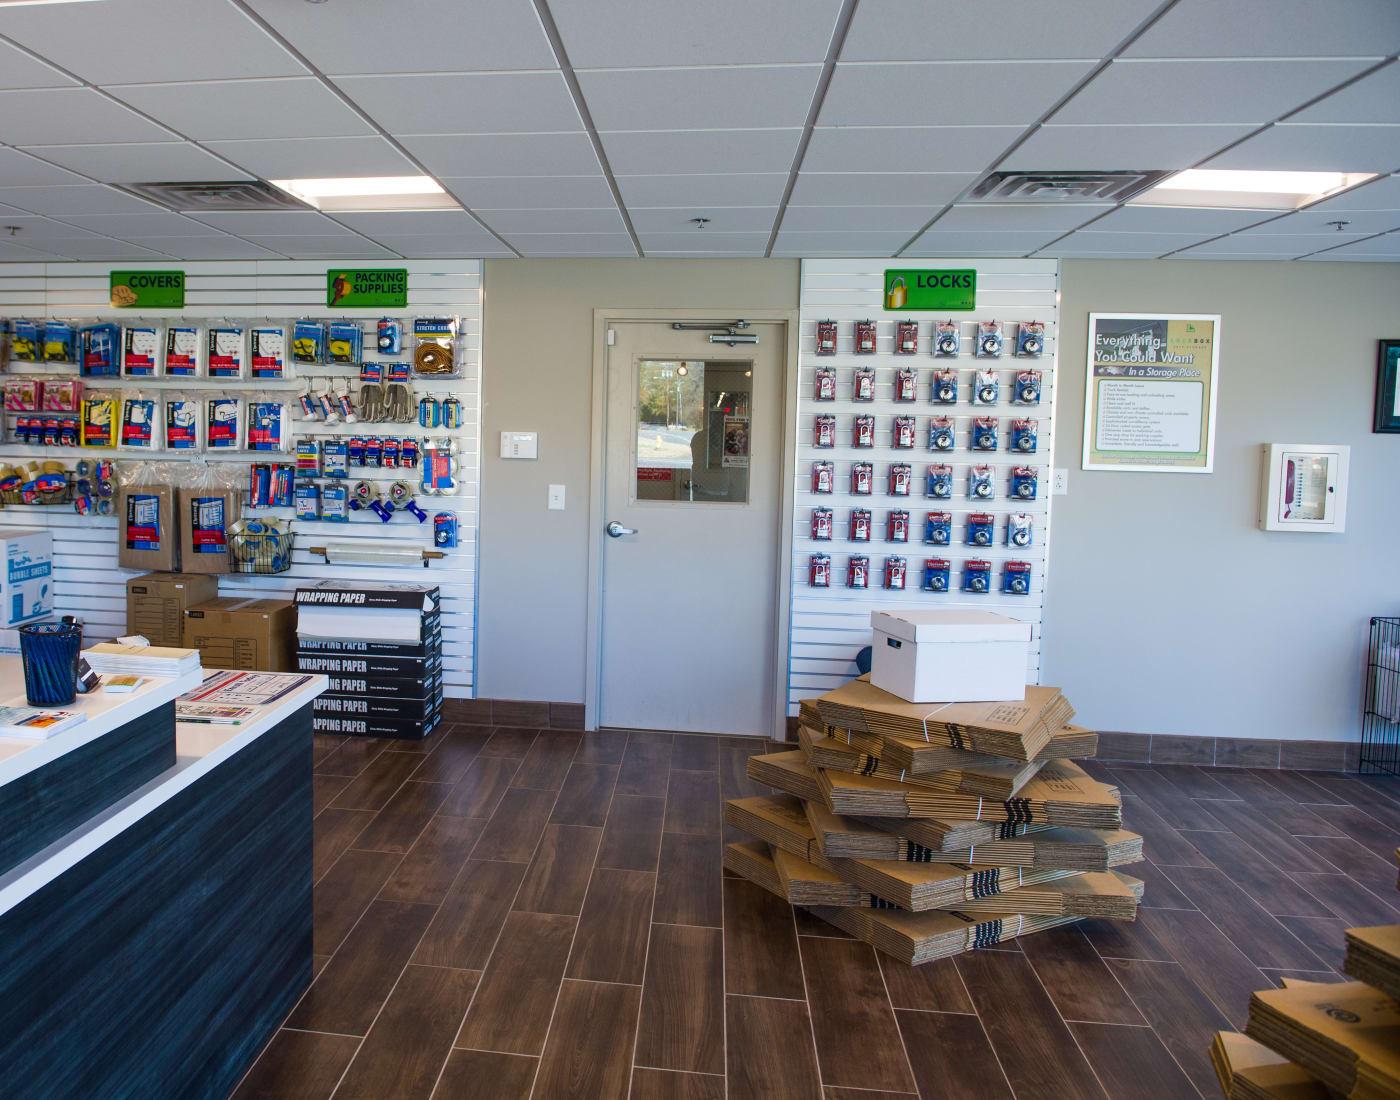 Storage suplies at LockBox Self Storage in Greenville, South Carolina